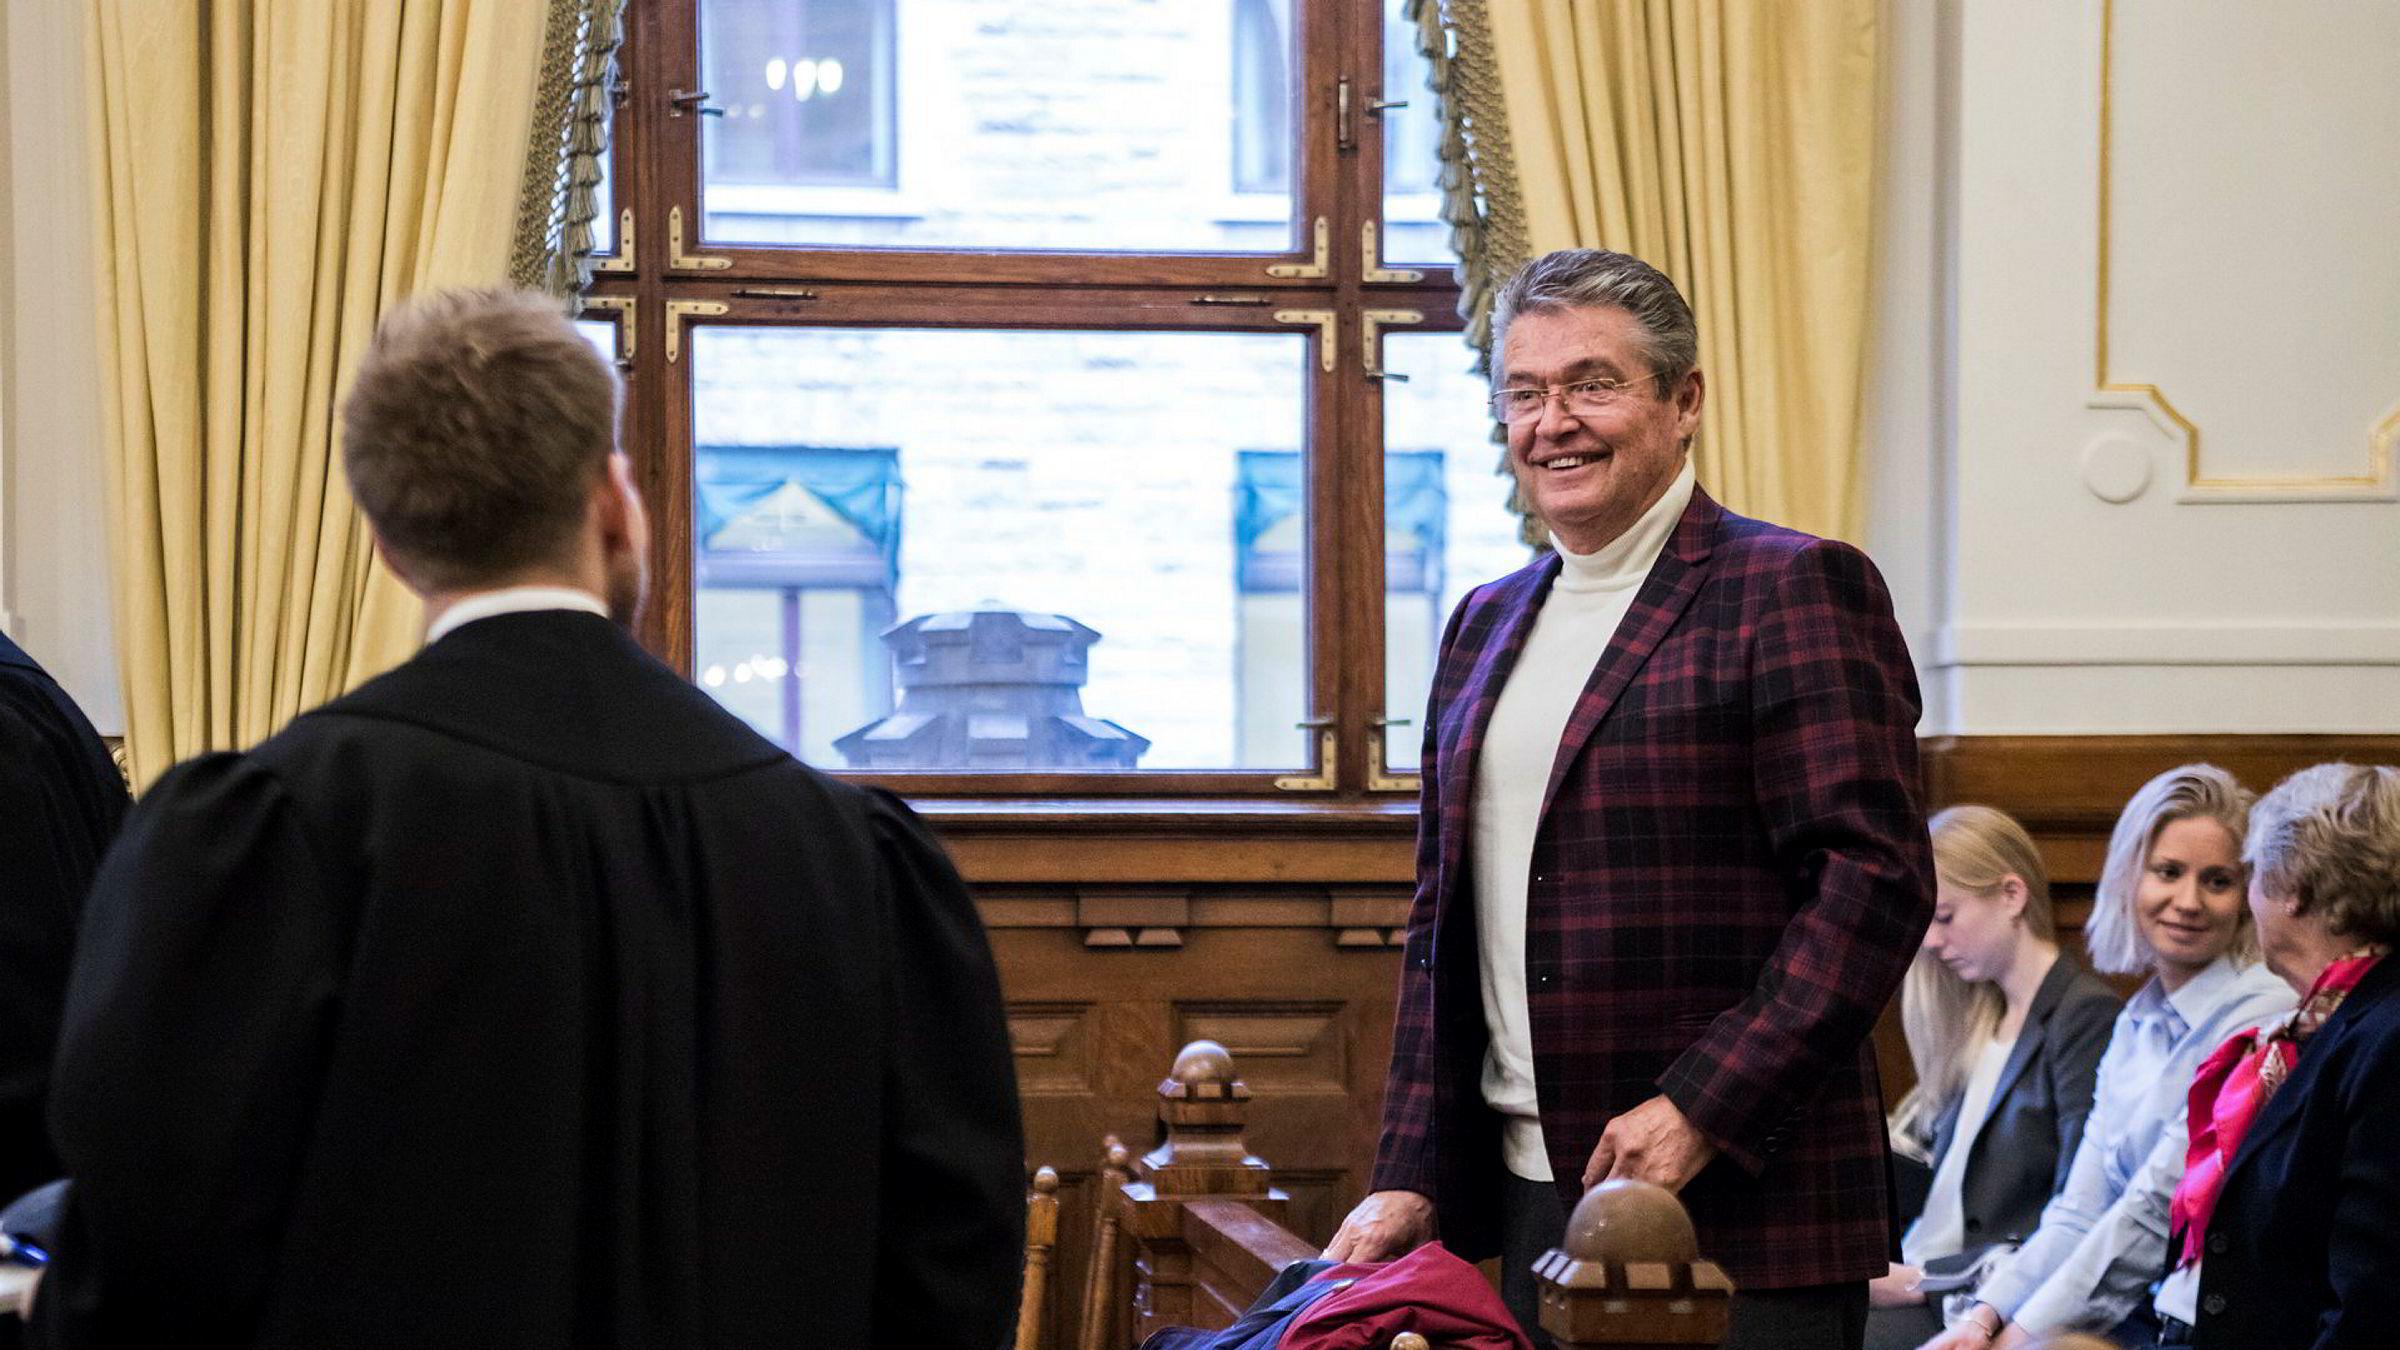 Eier og styreleder Remo Caprino i Caprino Filmcenter har tapt millioner på rettssaken som endte med tap i høyesterett i november i fjor. Nå varsler selskapet nye runder i retten.